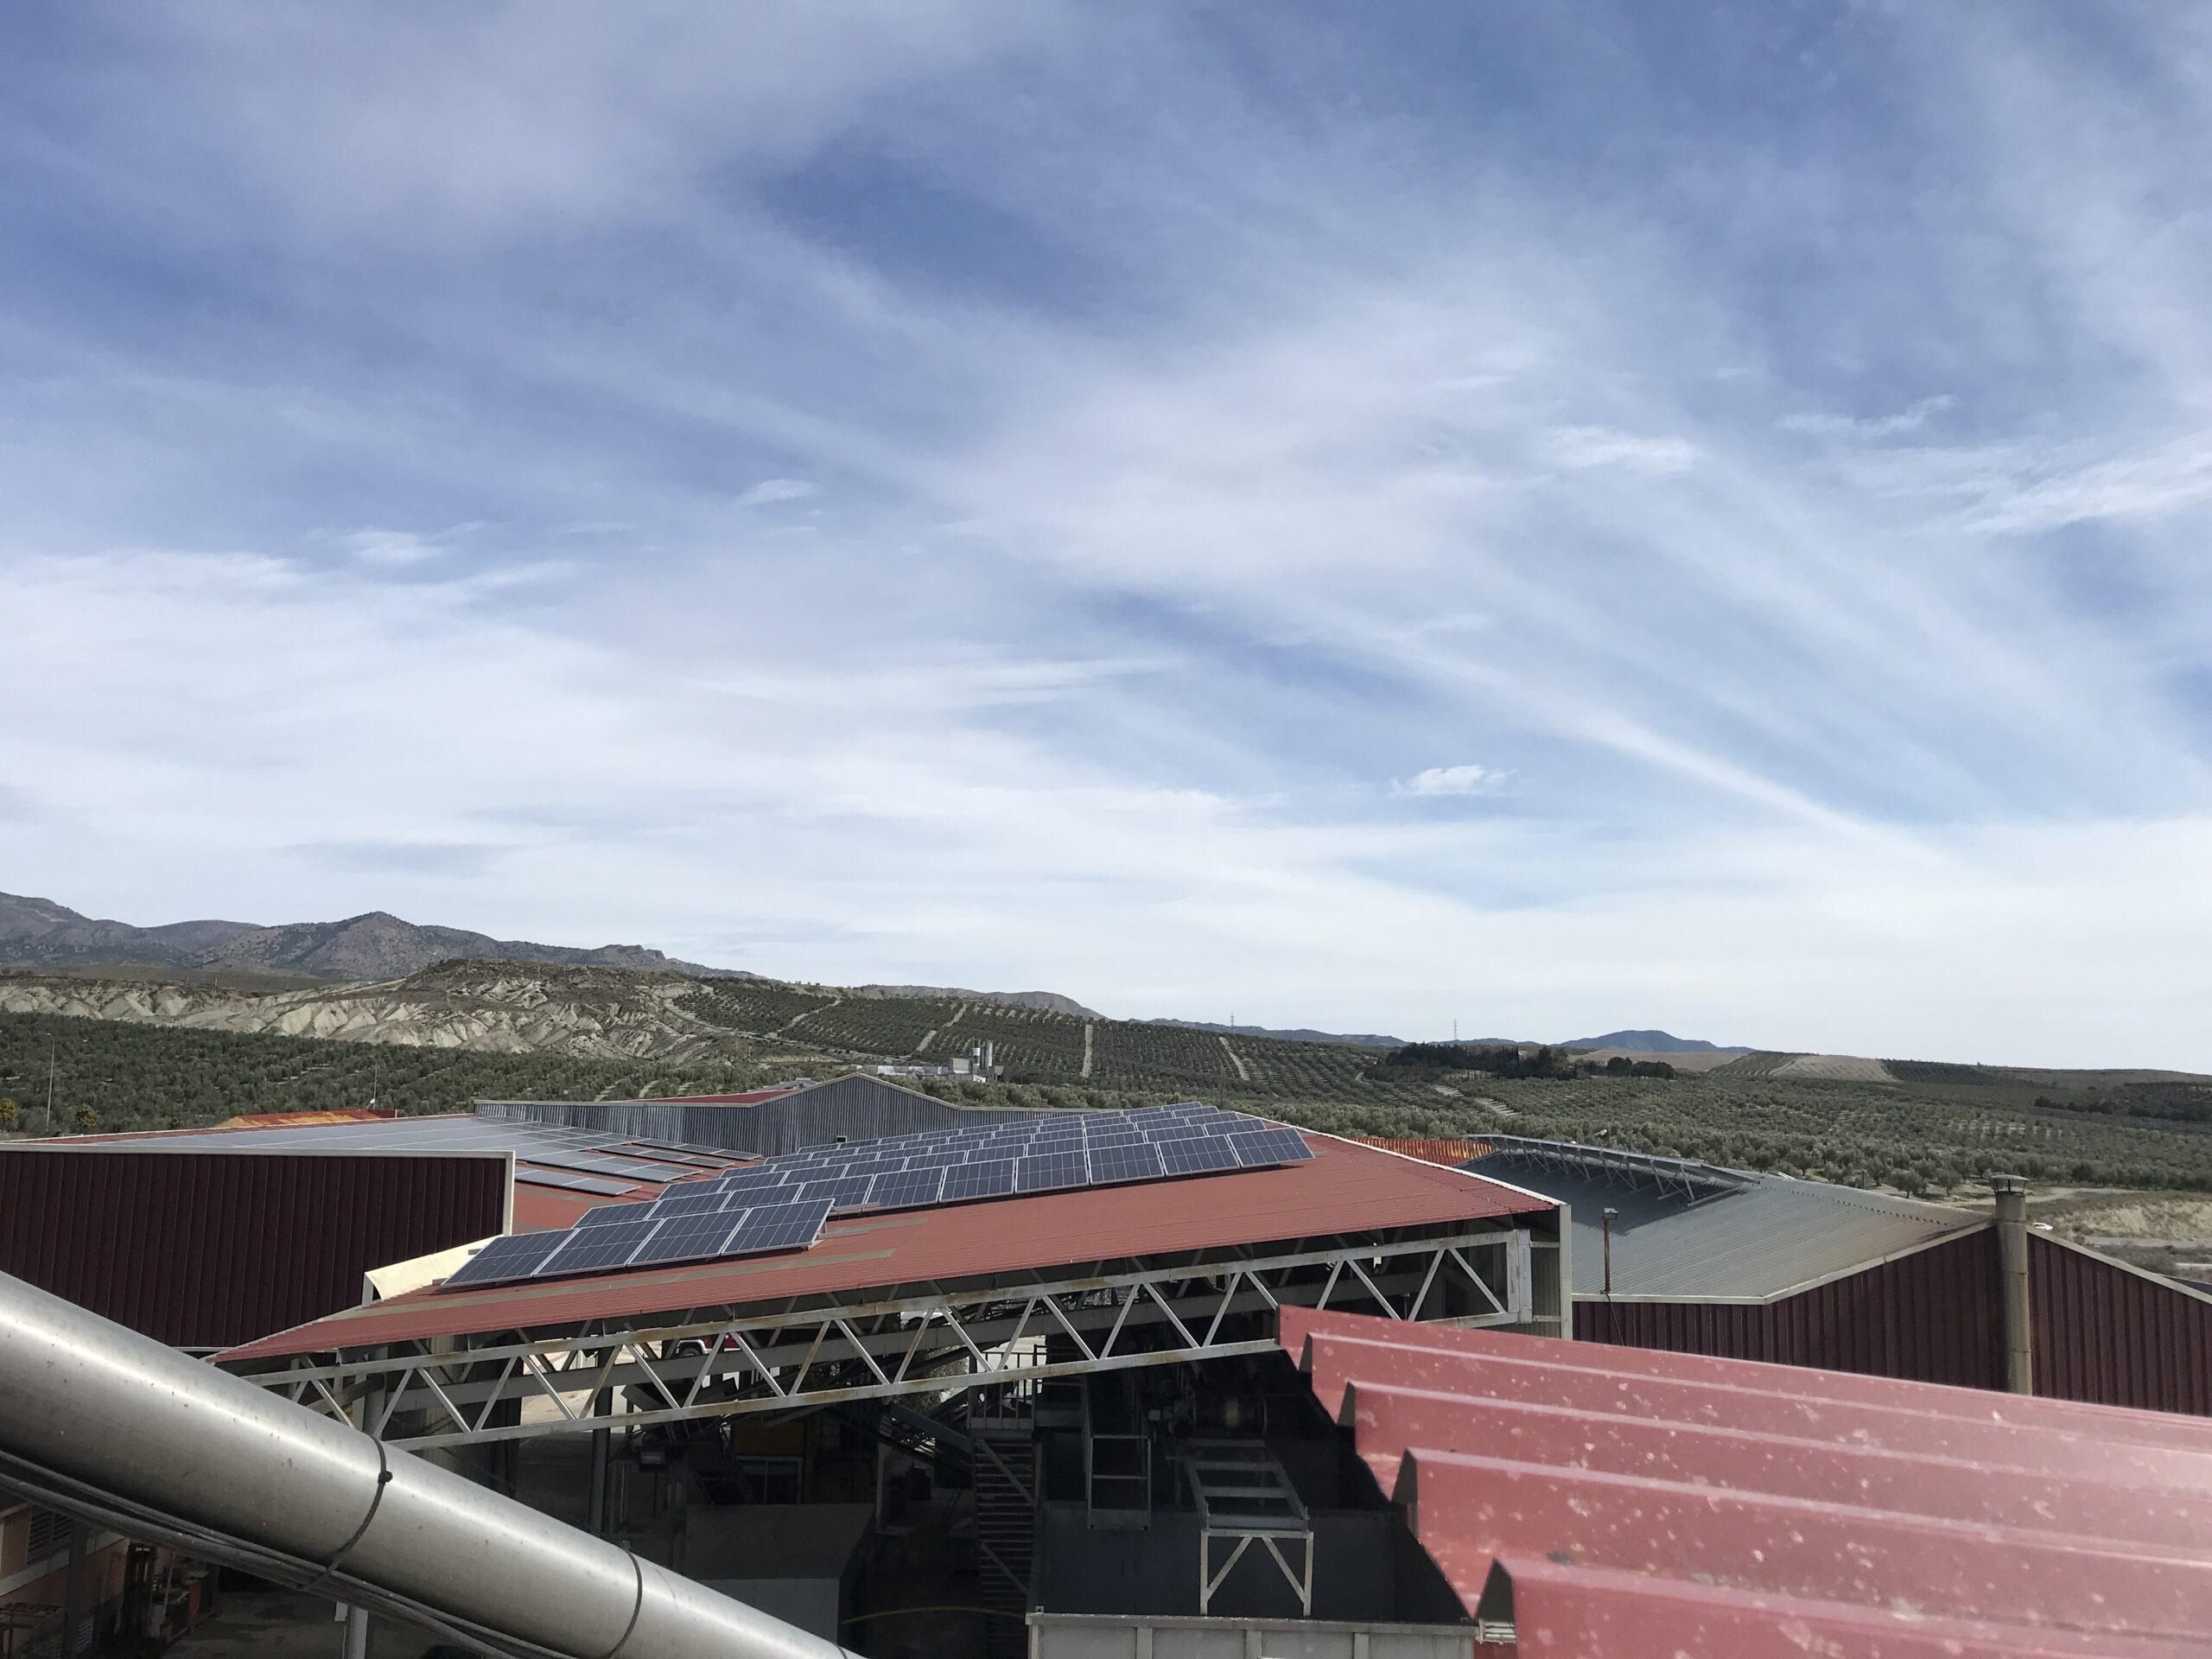 Instalación fotovoltaica de autoconsumo en Almazara